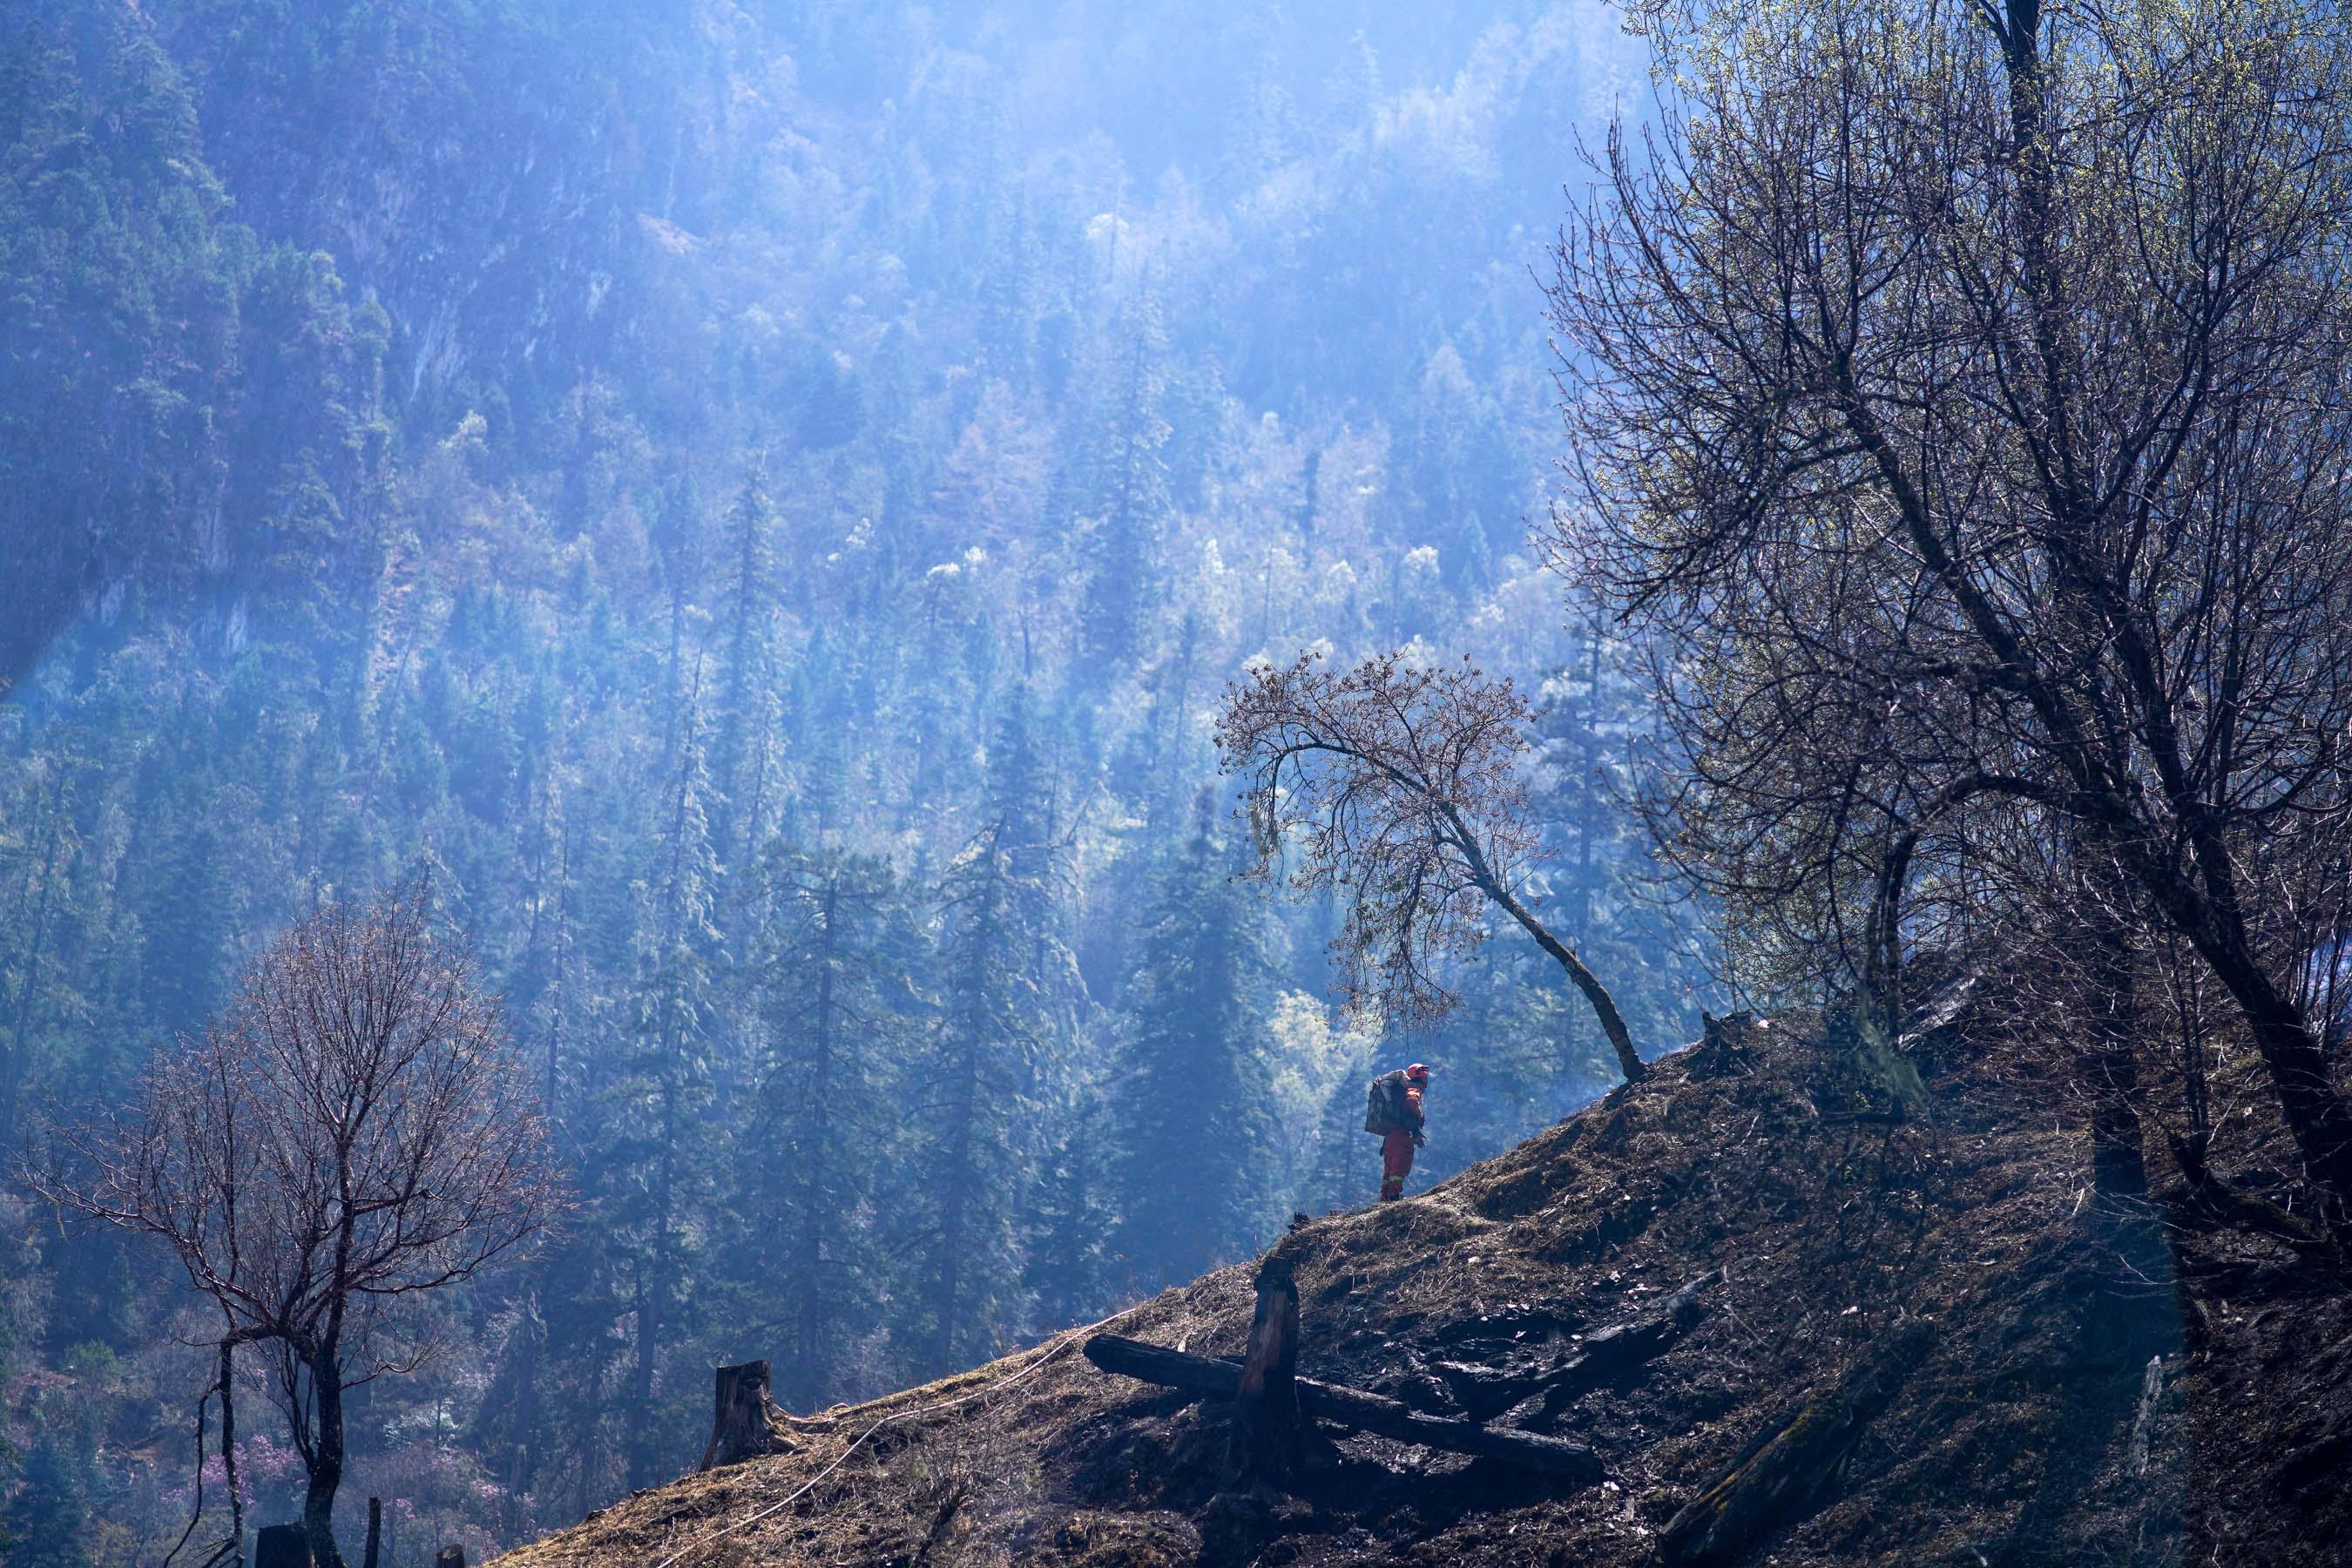 凉山森林消防员的火场战事